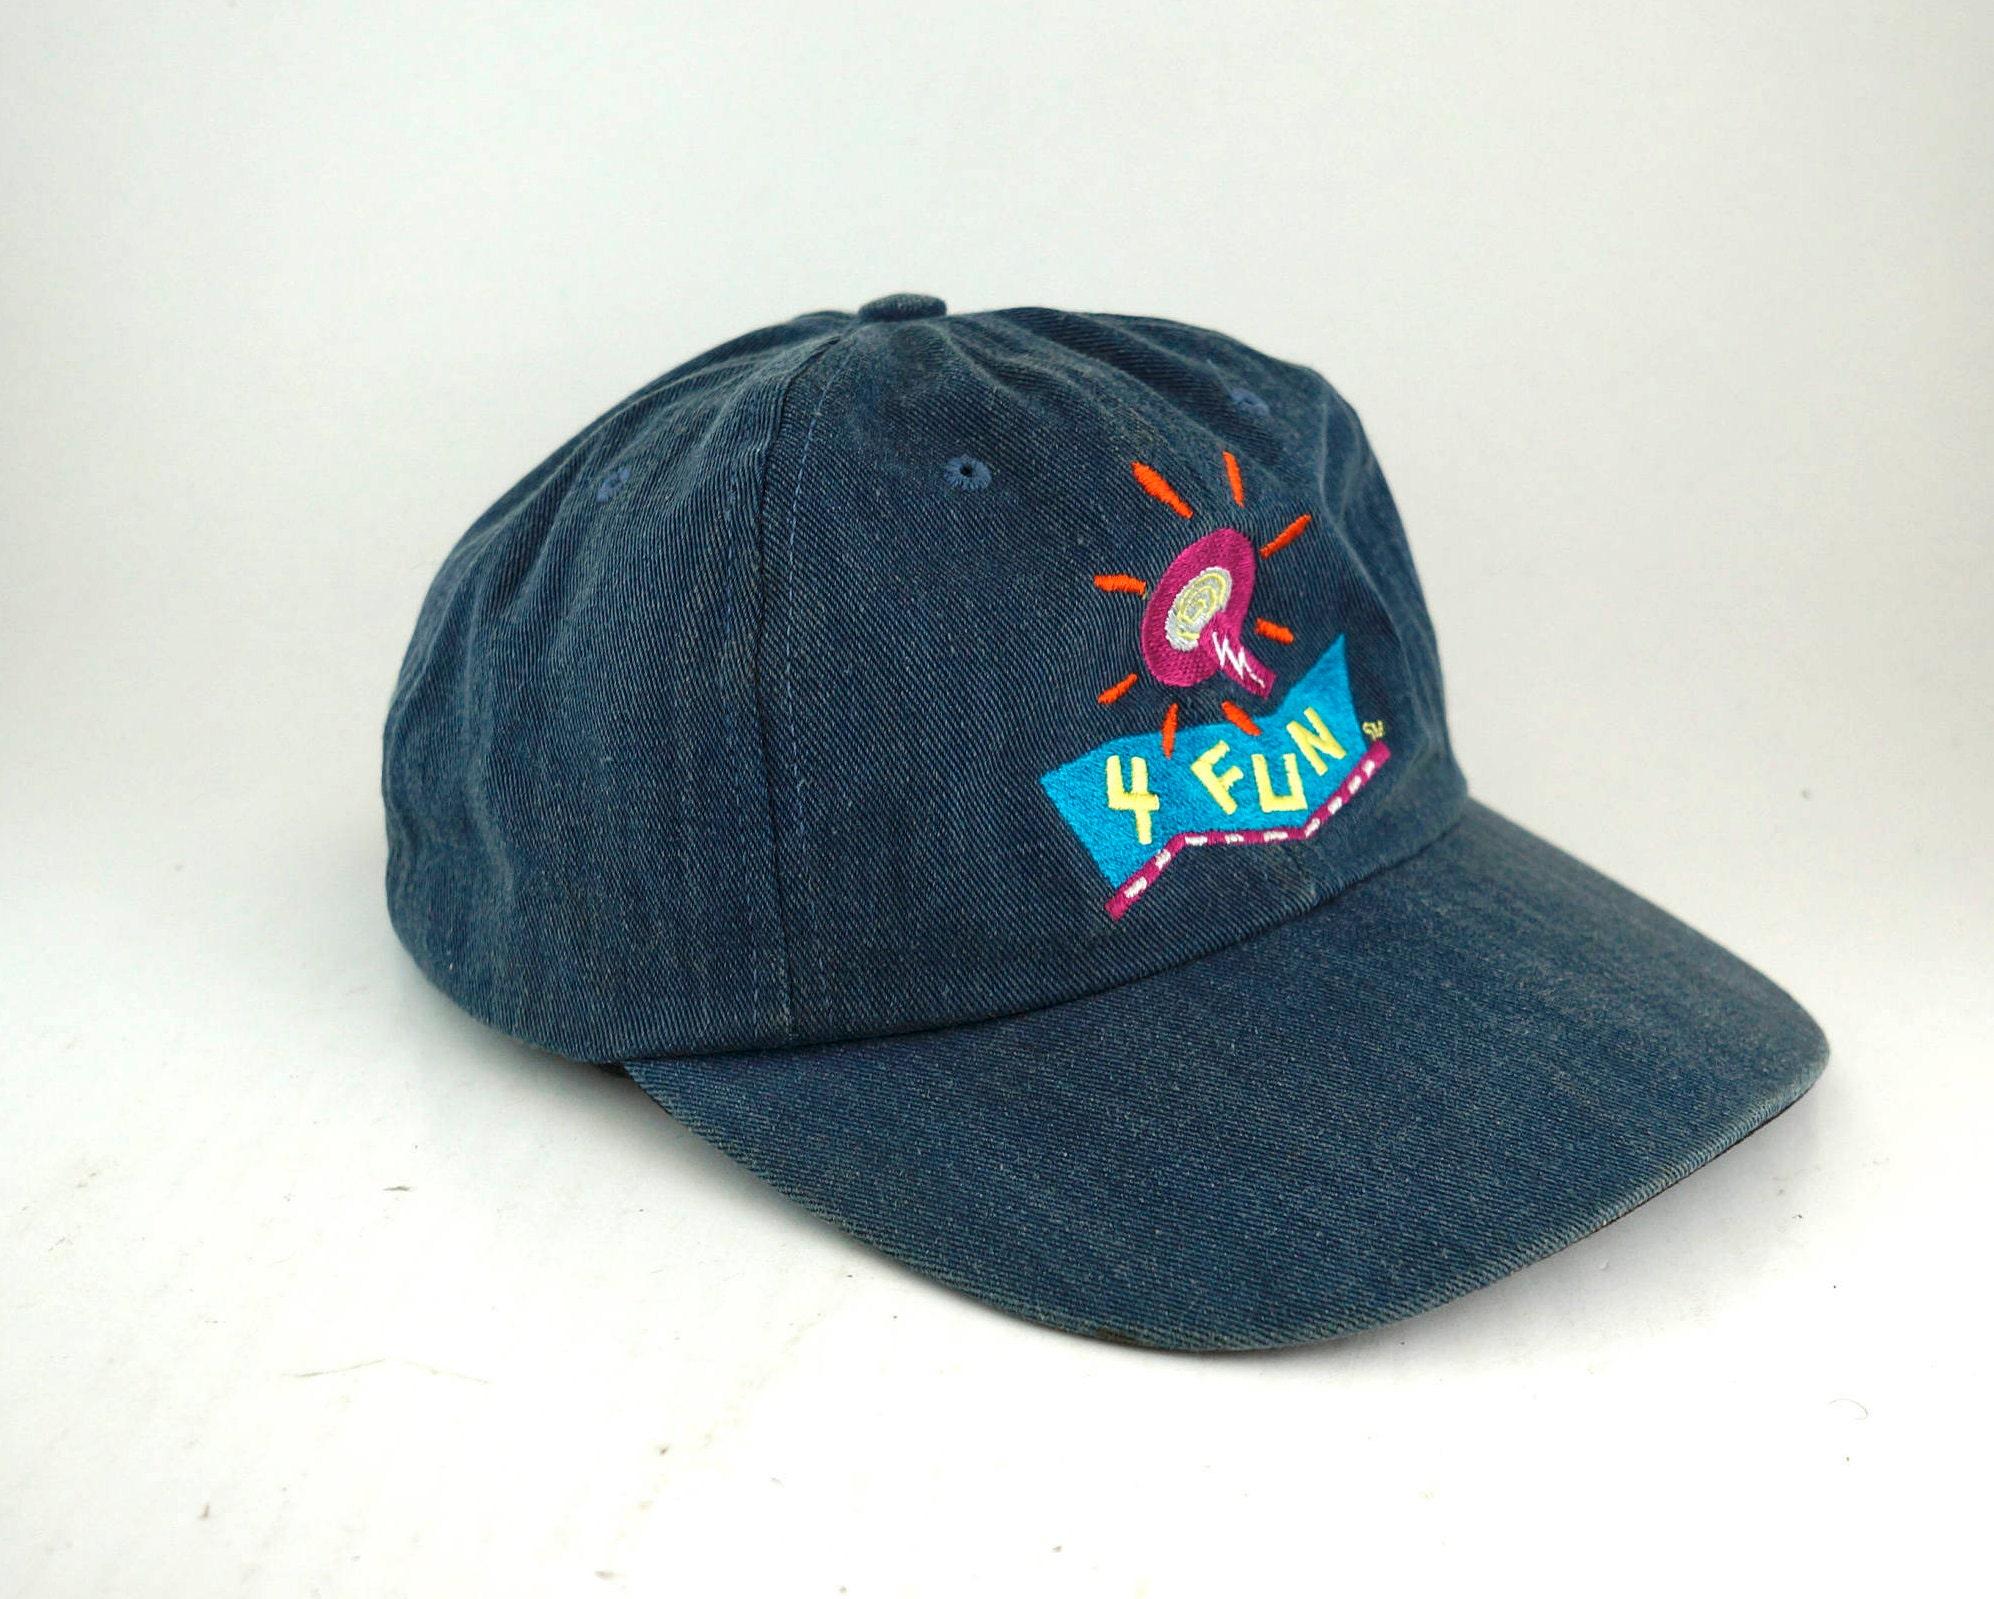 5b5fc8d36d4 BULA 4 Fun Denim Dad Hat    Ultimate Adventure Baseball Cap